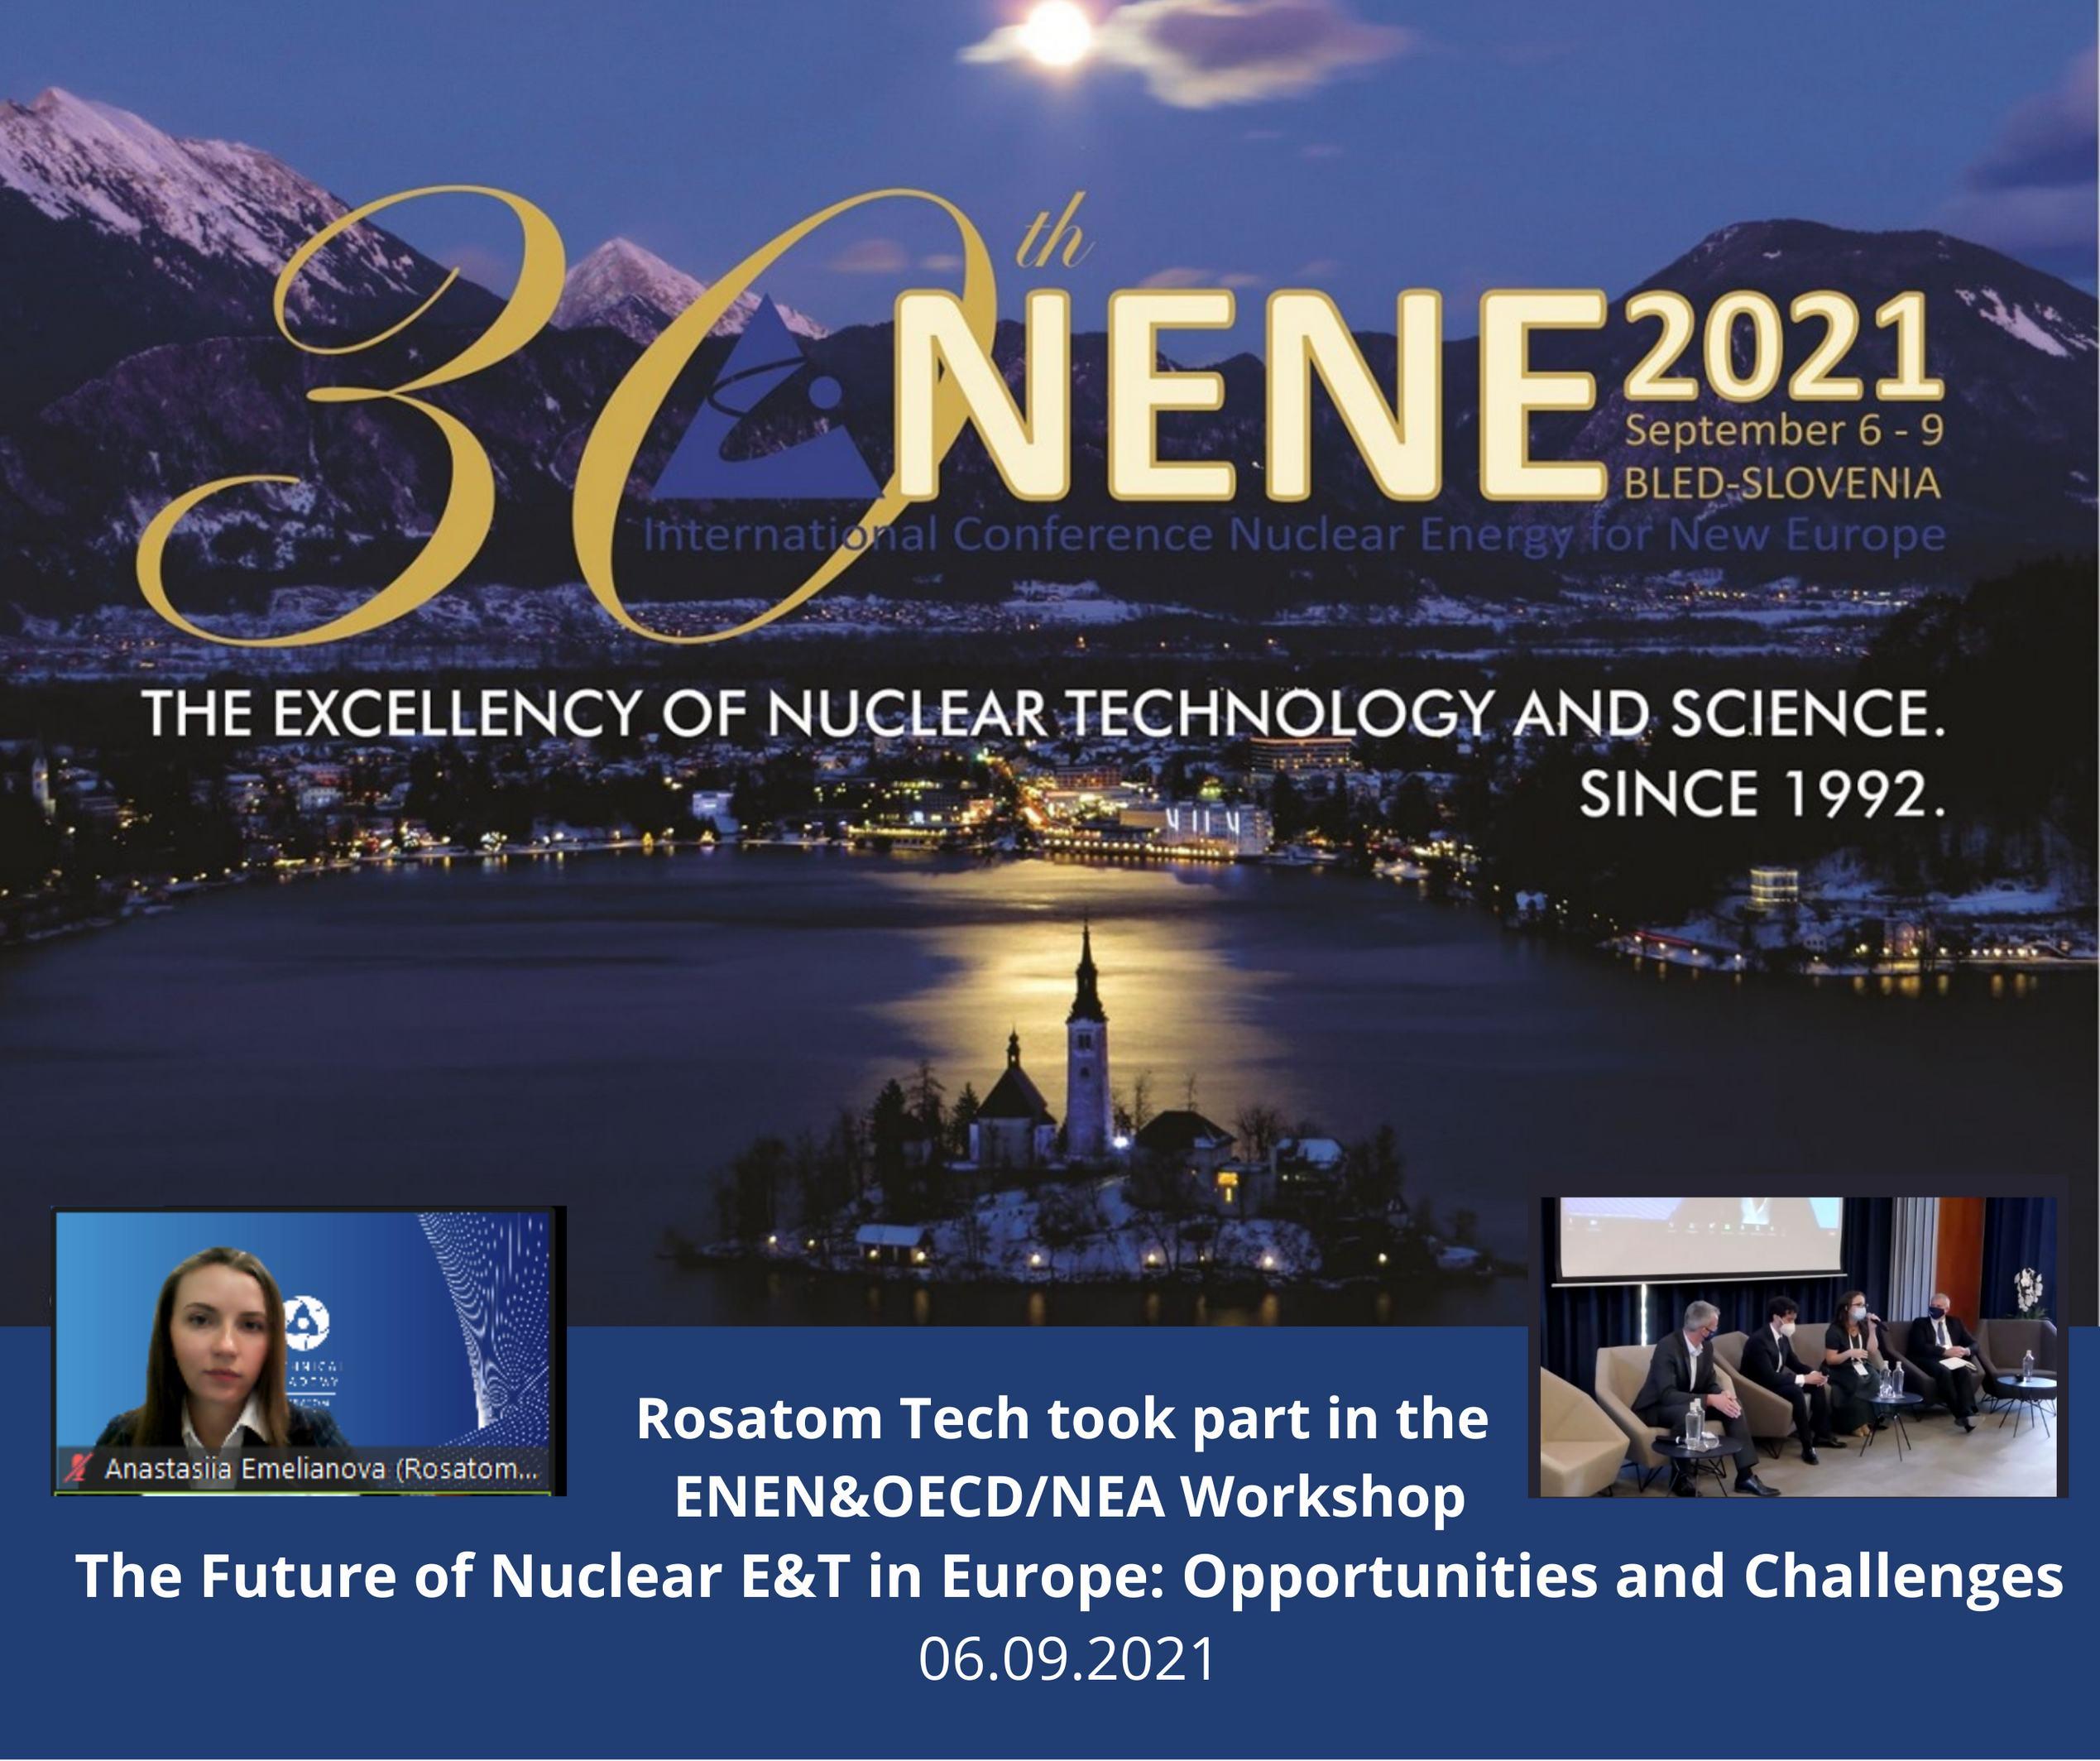 Техническая академия приняла участие в совместном семинаре ENEN и АЯЭ ОЭСР